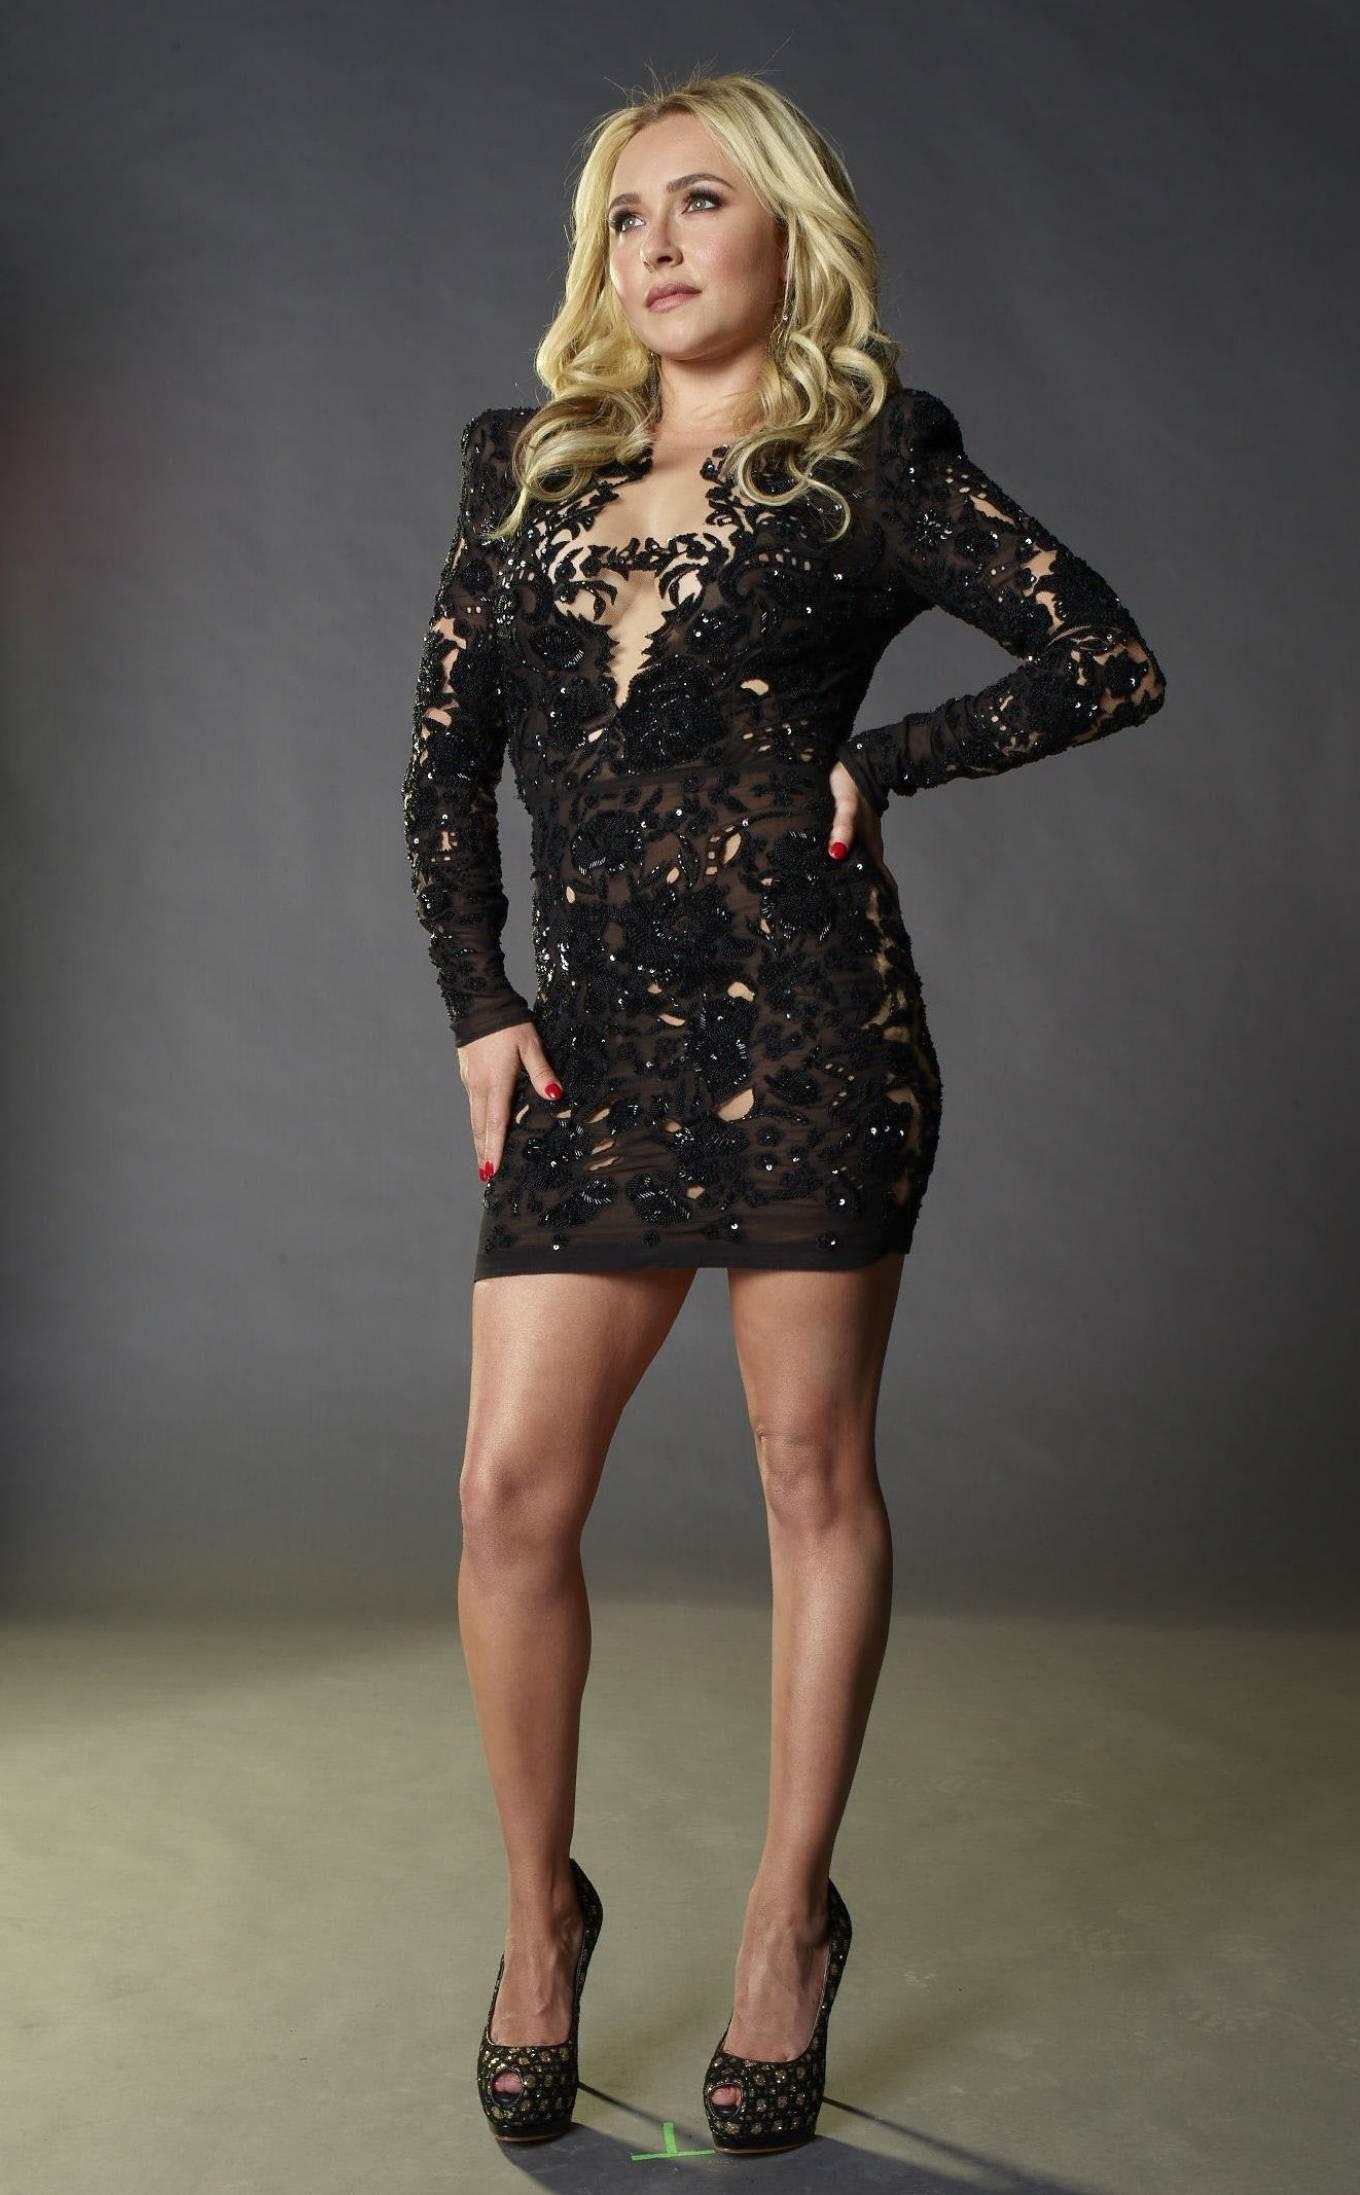 Hayden Panettiere - Nashville Season 6 Promo pic